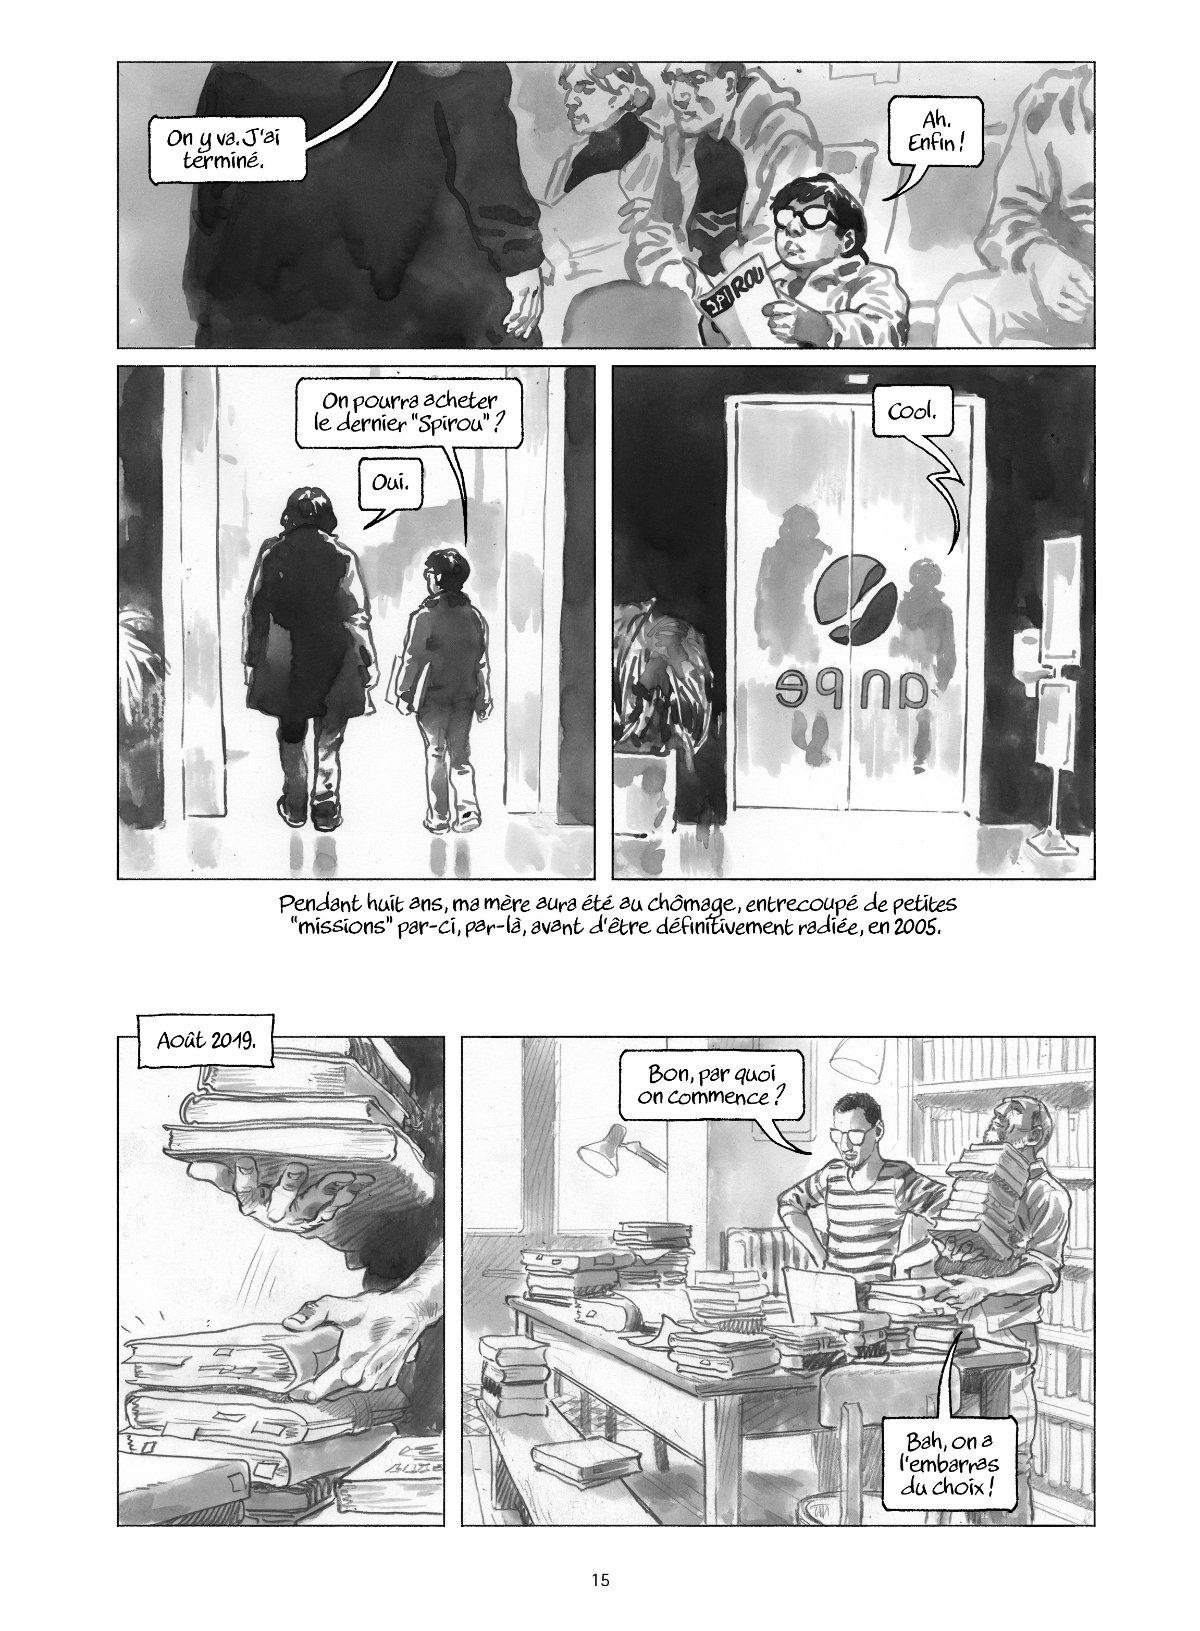 «Le choix du chômage, de Pompidou à Macron, enquête sur les racines de la violence économique», illustration 2